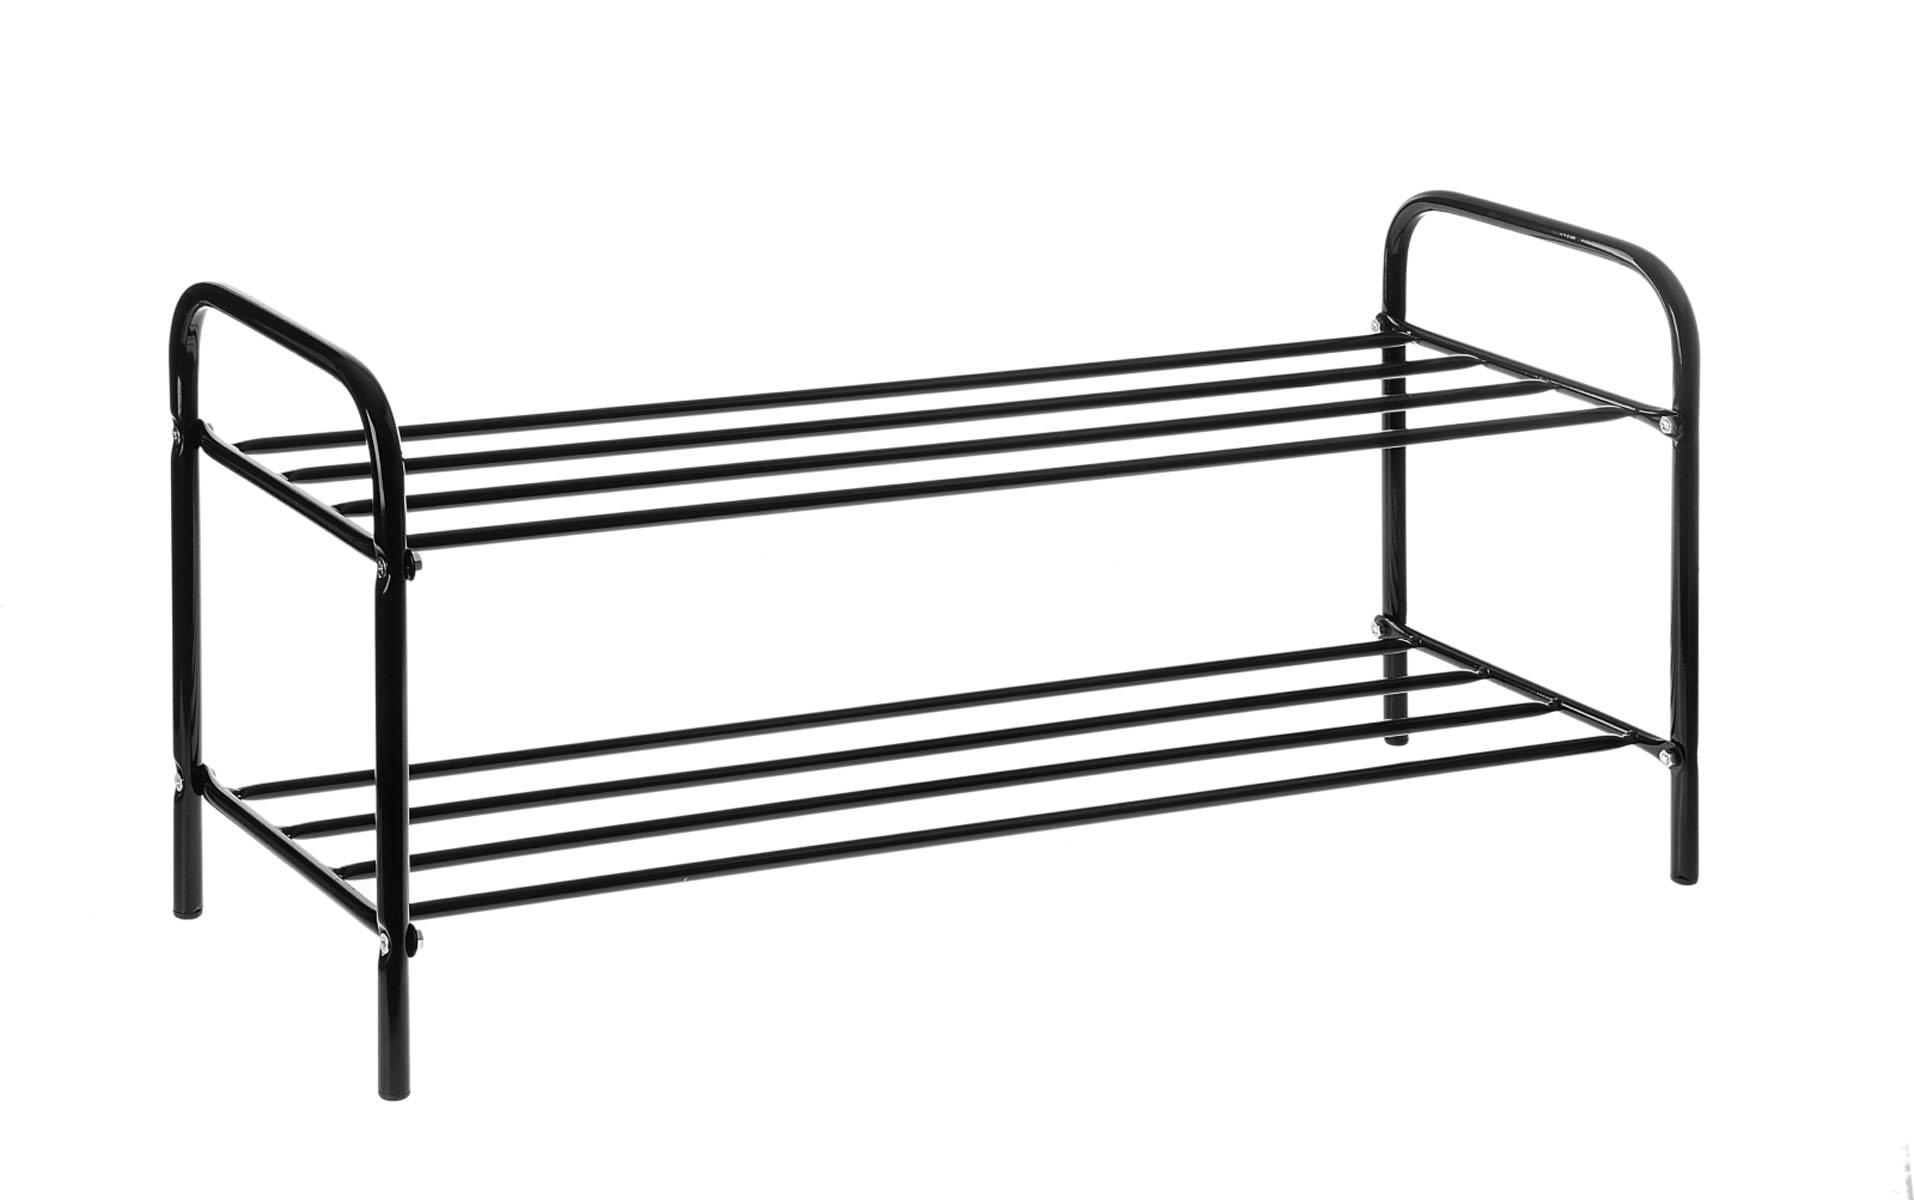 Подставка для обуви, 2 яруса, цвет: черный, 80 см х 30 см х 37 см192510Подставка для обуви представляет собой этажерку, выполненную из высококачественной стали. Содержит 2 яруса, на которых можно разместить по несколько пар обуви. Удобная, компактная и вместительная, такая подставка идеально впишется в интерьер прихожей. Она поможет легко организовать пространство и аккуратно хранить вашу обувь, стильный и необычный дизайн сделает ее оригинальным элементом декора. Крепления для сборки в комплекте. Размер подставки (ДхШхВ): 80 см х 30 см х 37 см.